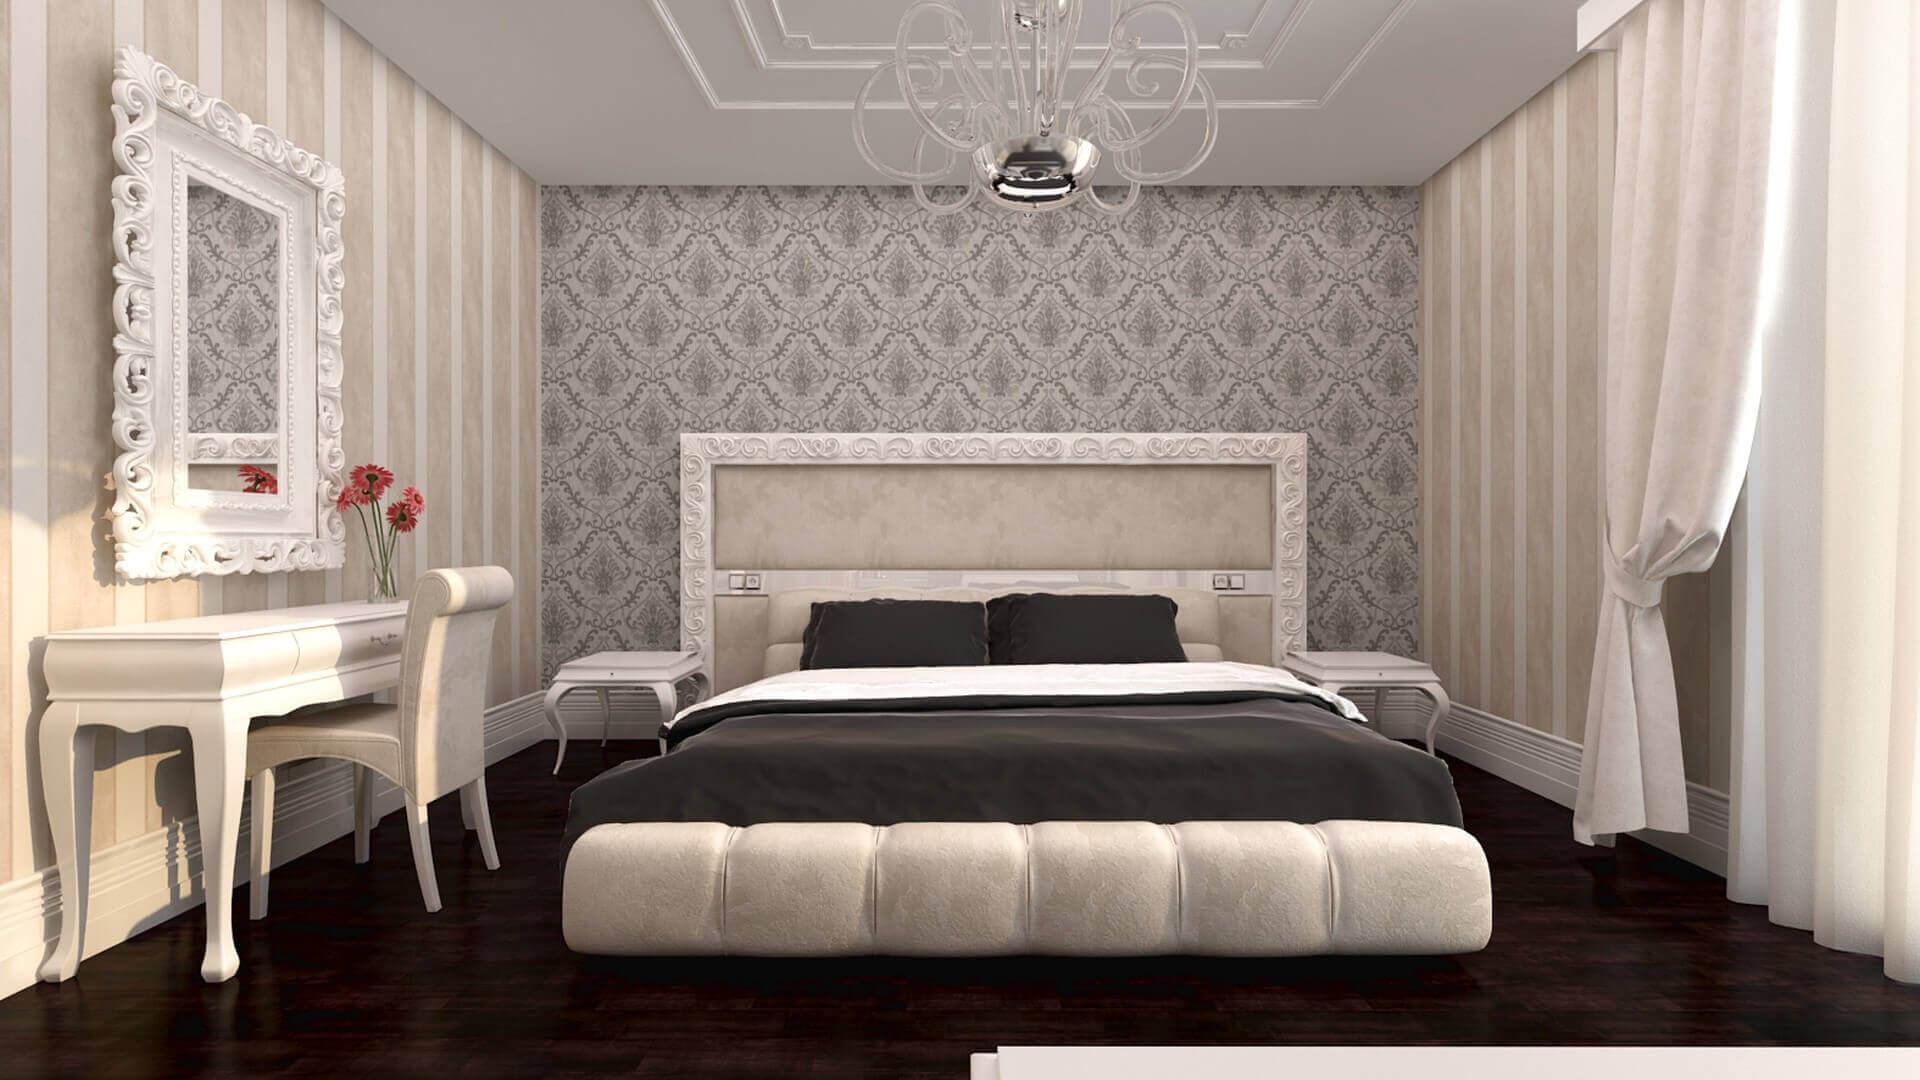 villa dekorasyonu 2886 Özel Proje Konutlar